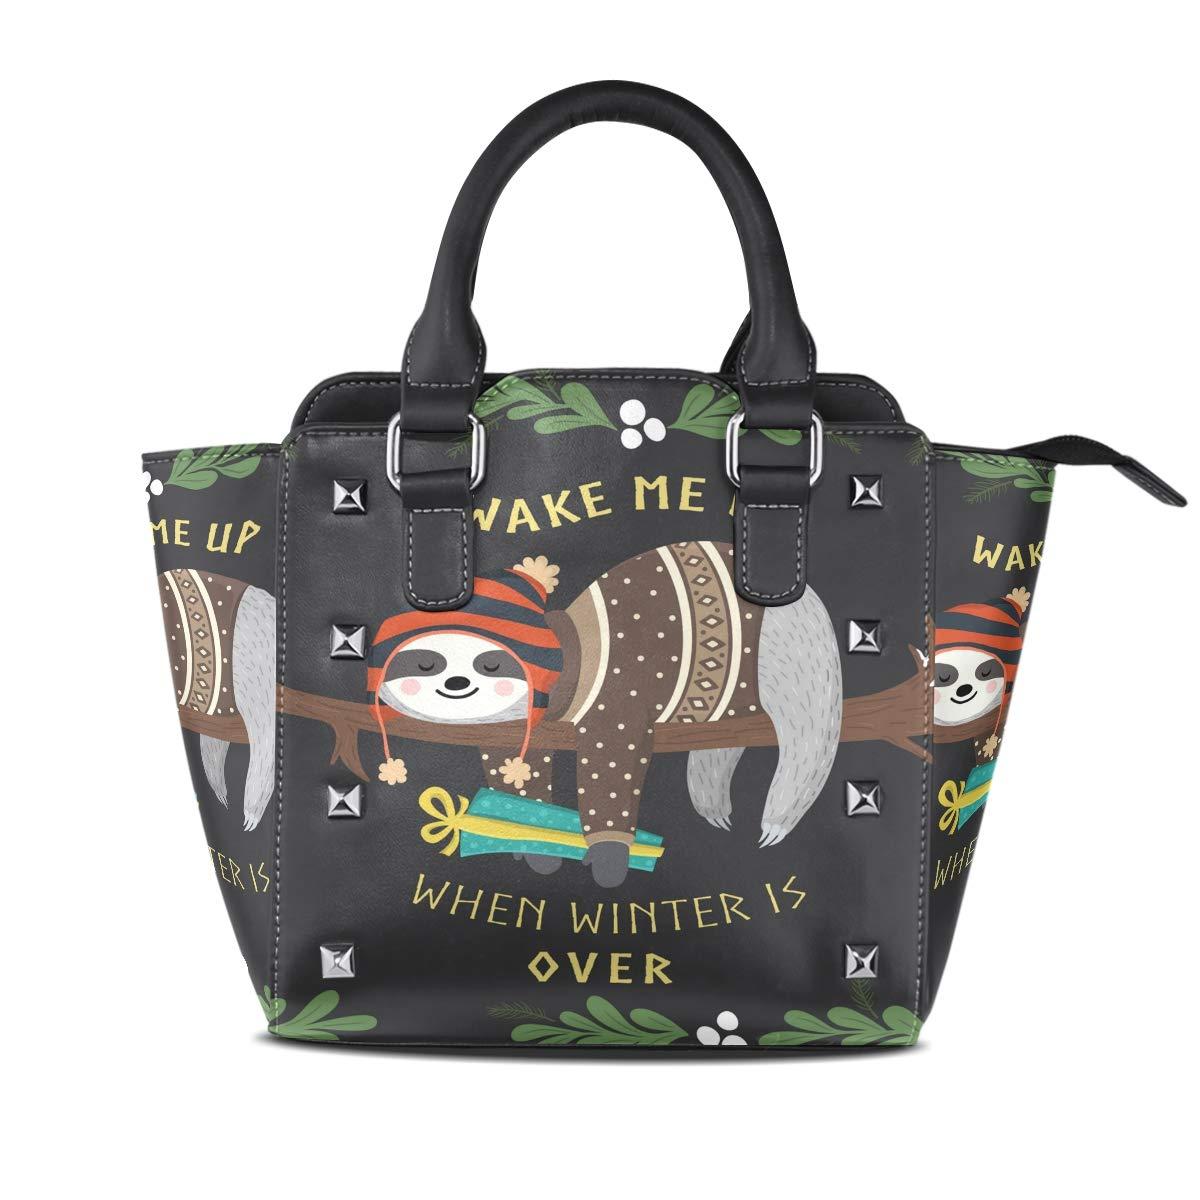 Design2 Handbag Penguin Genuine Leather Tote Rivet Bag Shoulder Strap Top Handle Women